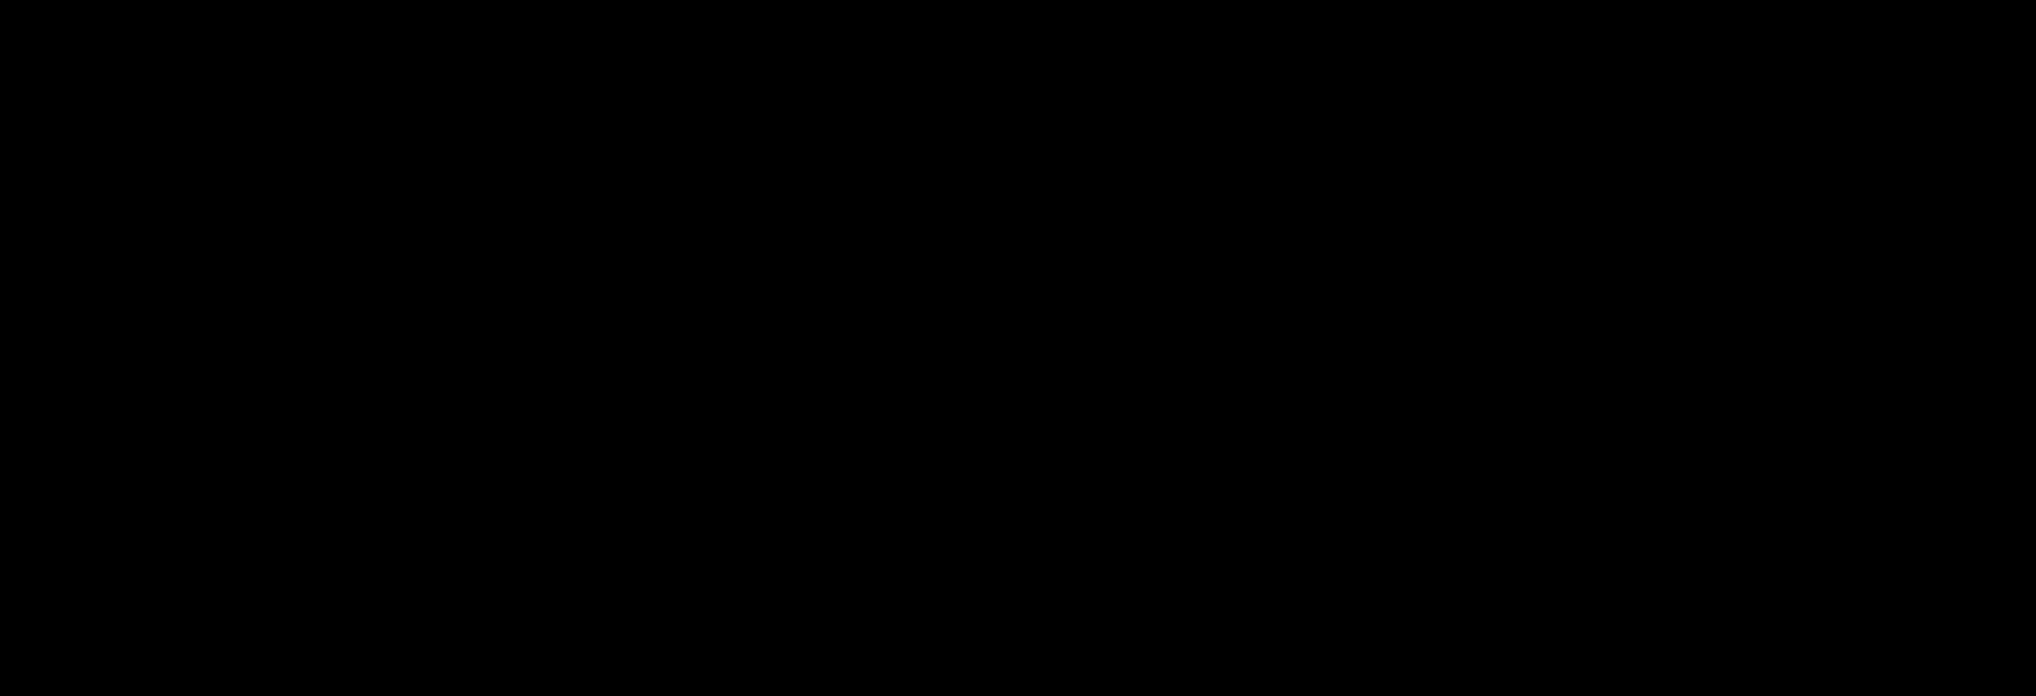 Olvanil-d<sub>3</sub>